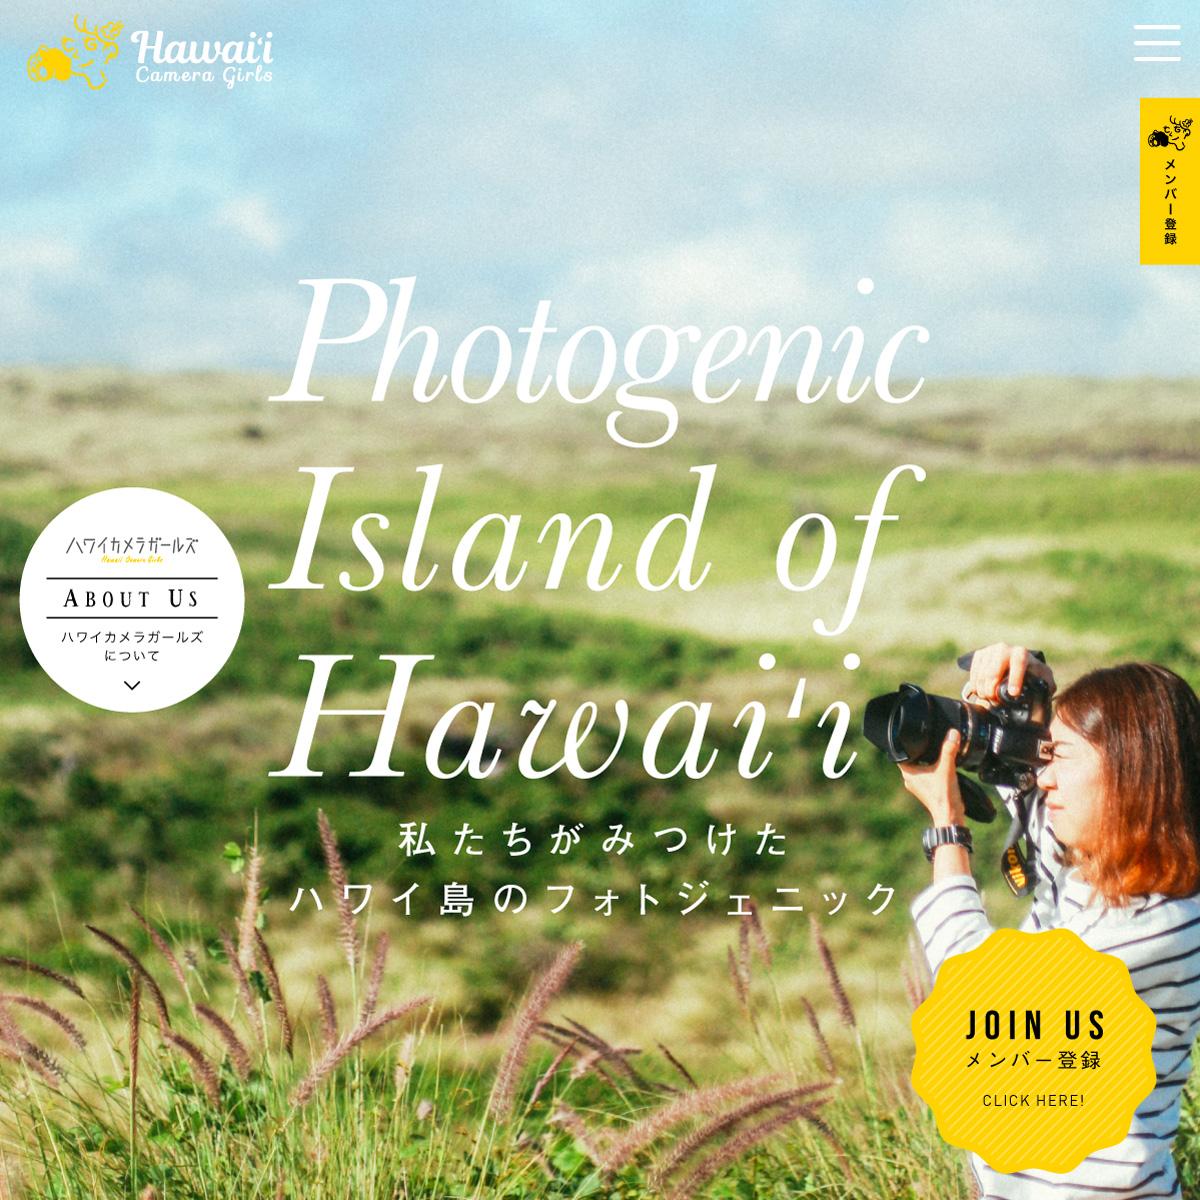 ハワイ,カメラガールズ,女子カメラ